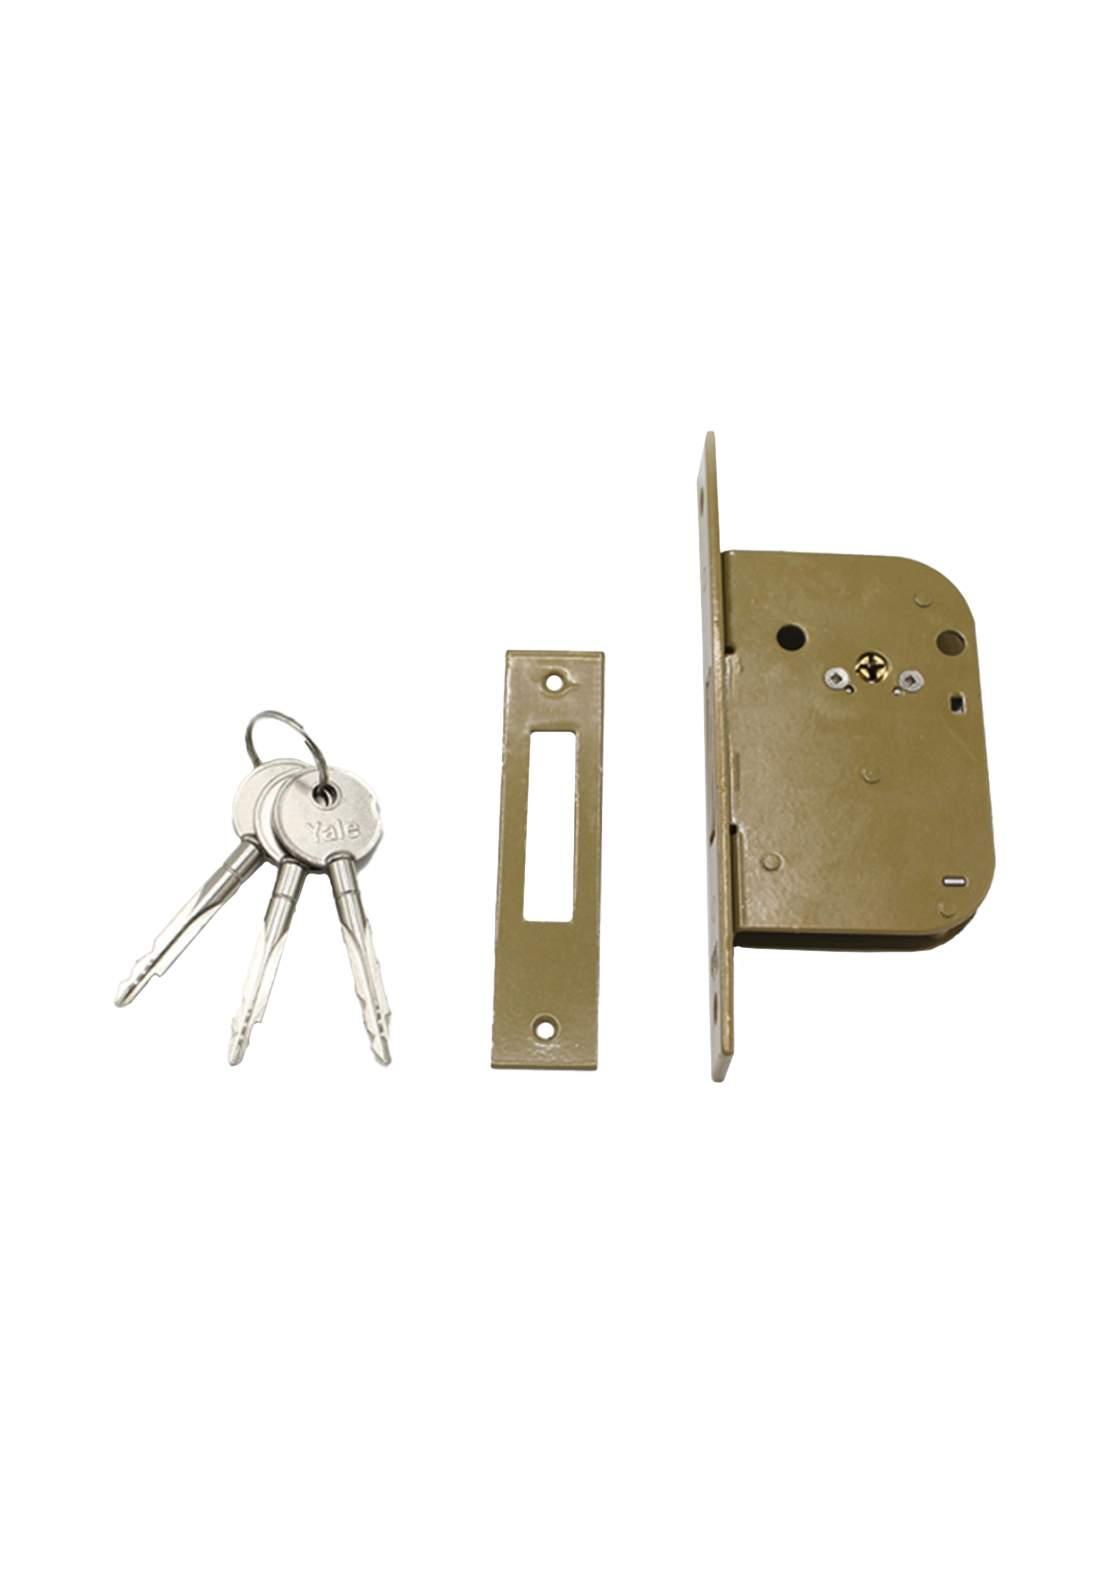 Yale 5630040  Smart Door Lock 40 mm قفل باب مفتاح برينة